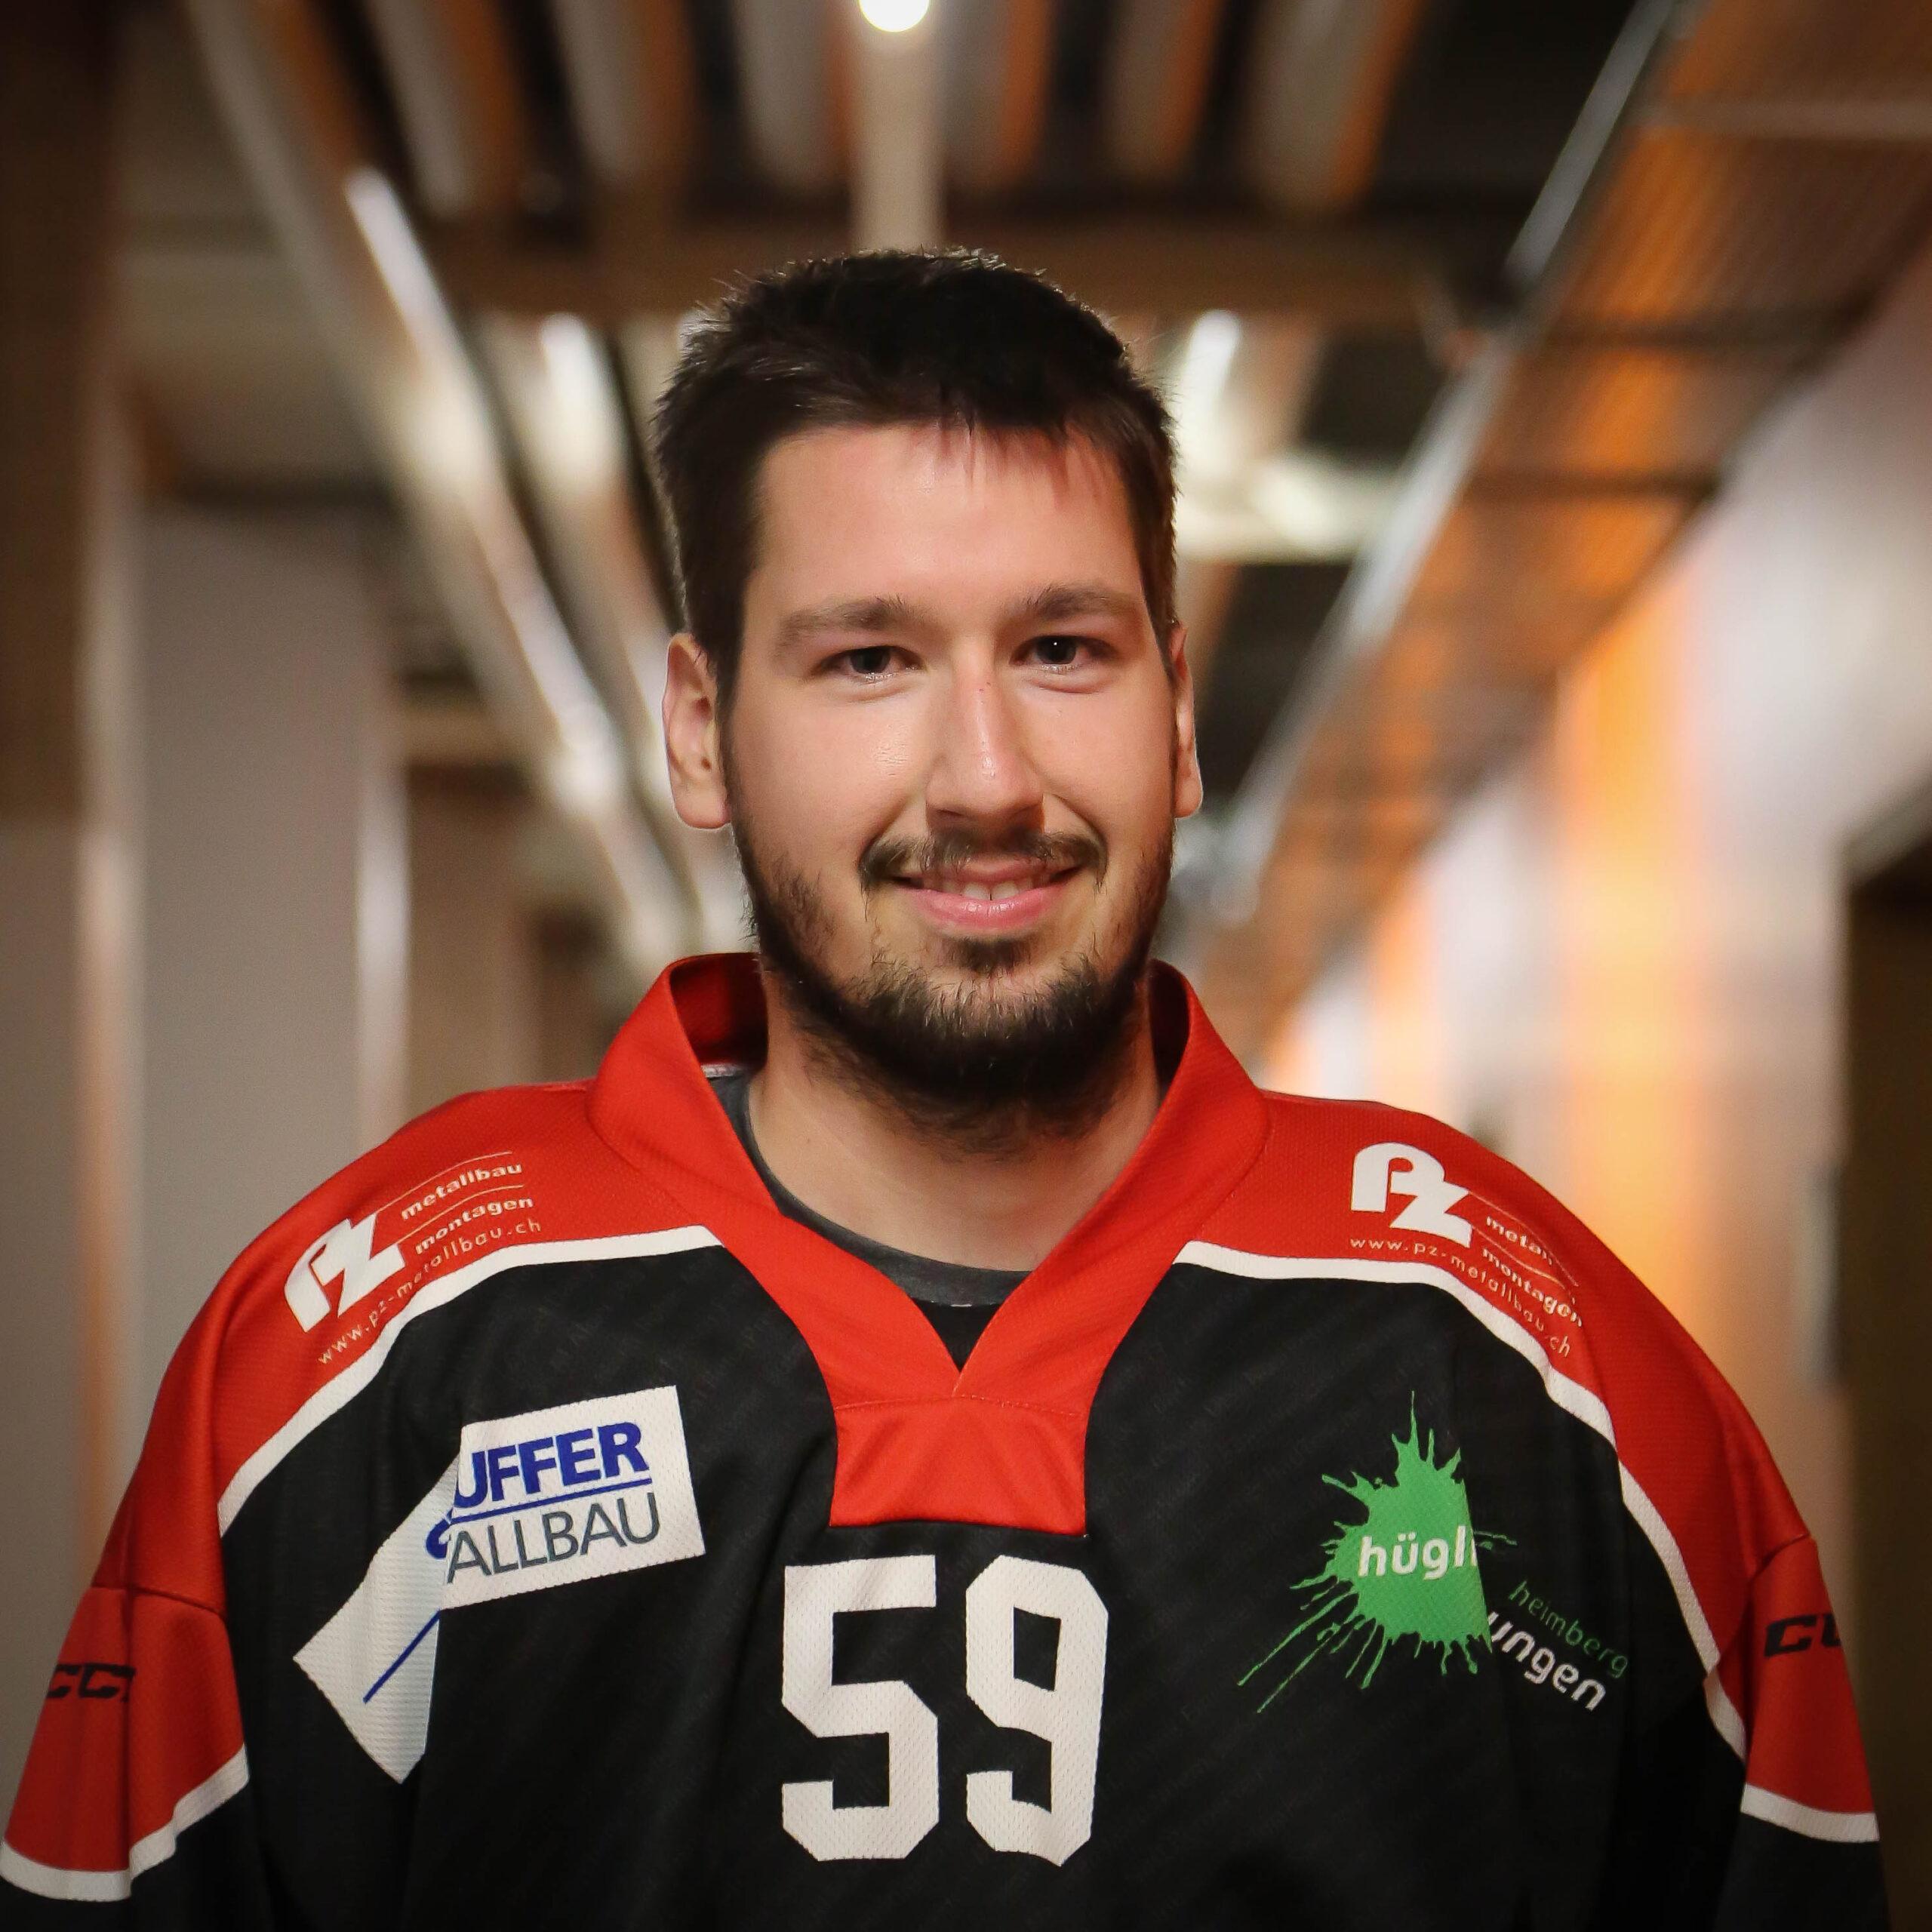 Mario Alder